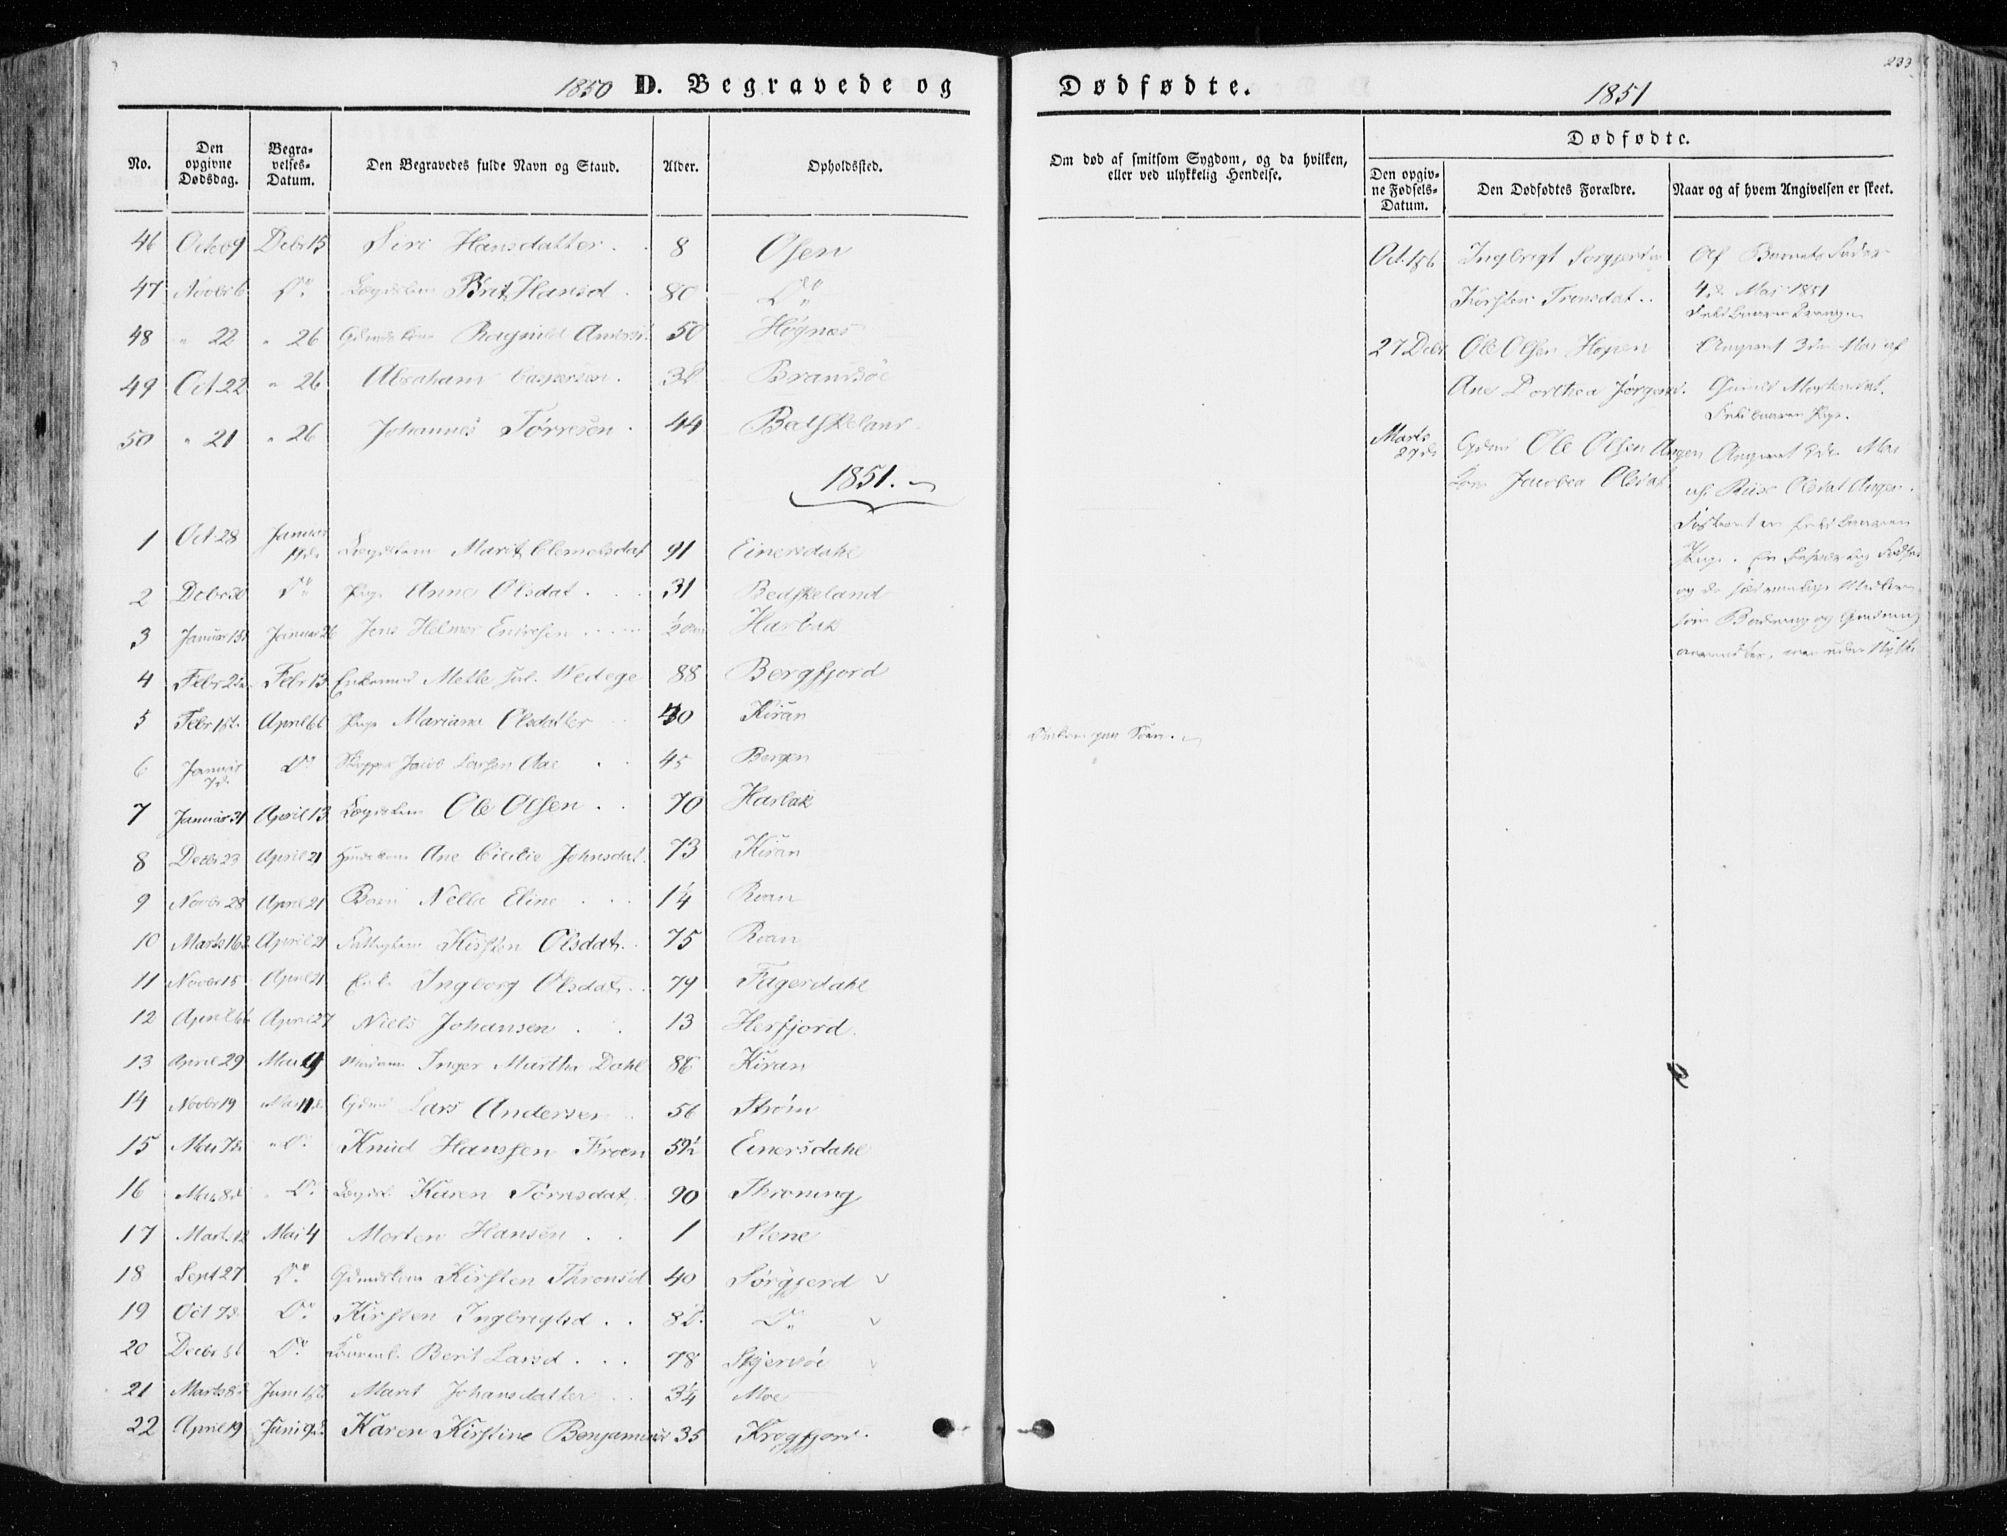 SAT, Ministerialprotokoller, klokkerbøker og fødselsregistre - Sør-Trøndelag, 657/L0704: Ministerialbok nr. 657A05, 1846-1857, s. 233